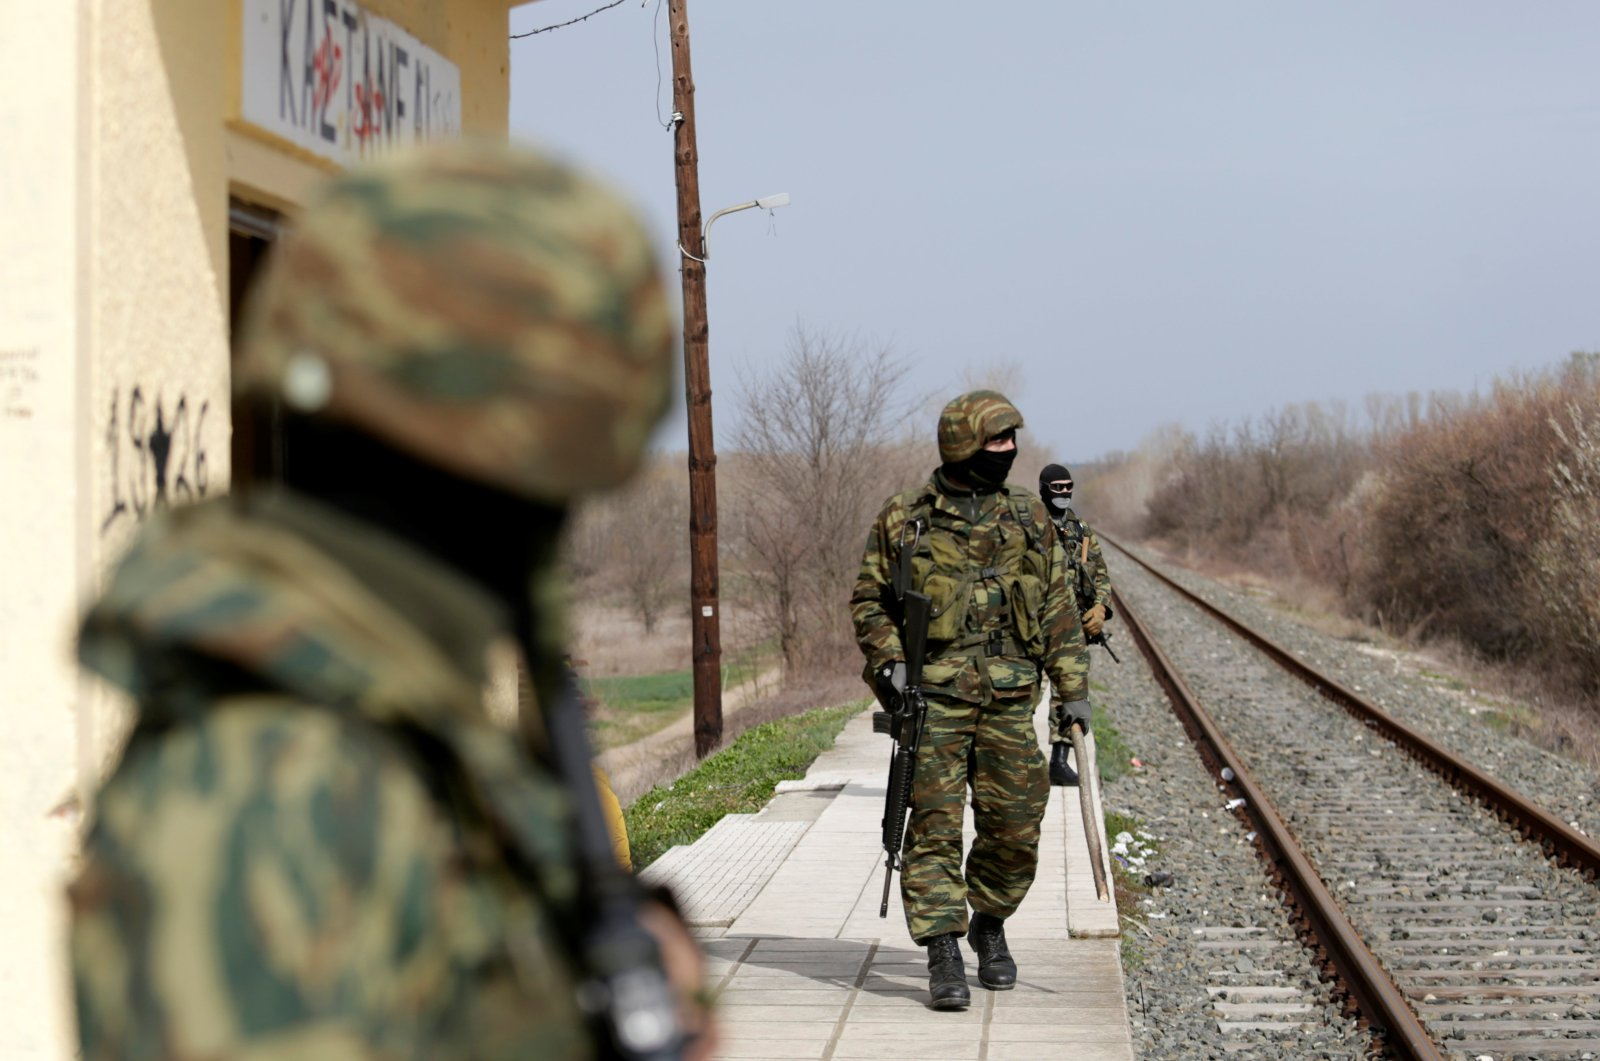 Greek soldiers secure a train station near Turkey's Pazarkule border crossing, in Kastanies, Greece March 8, 2020. (Reuters File Photo)